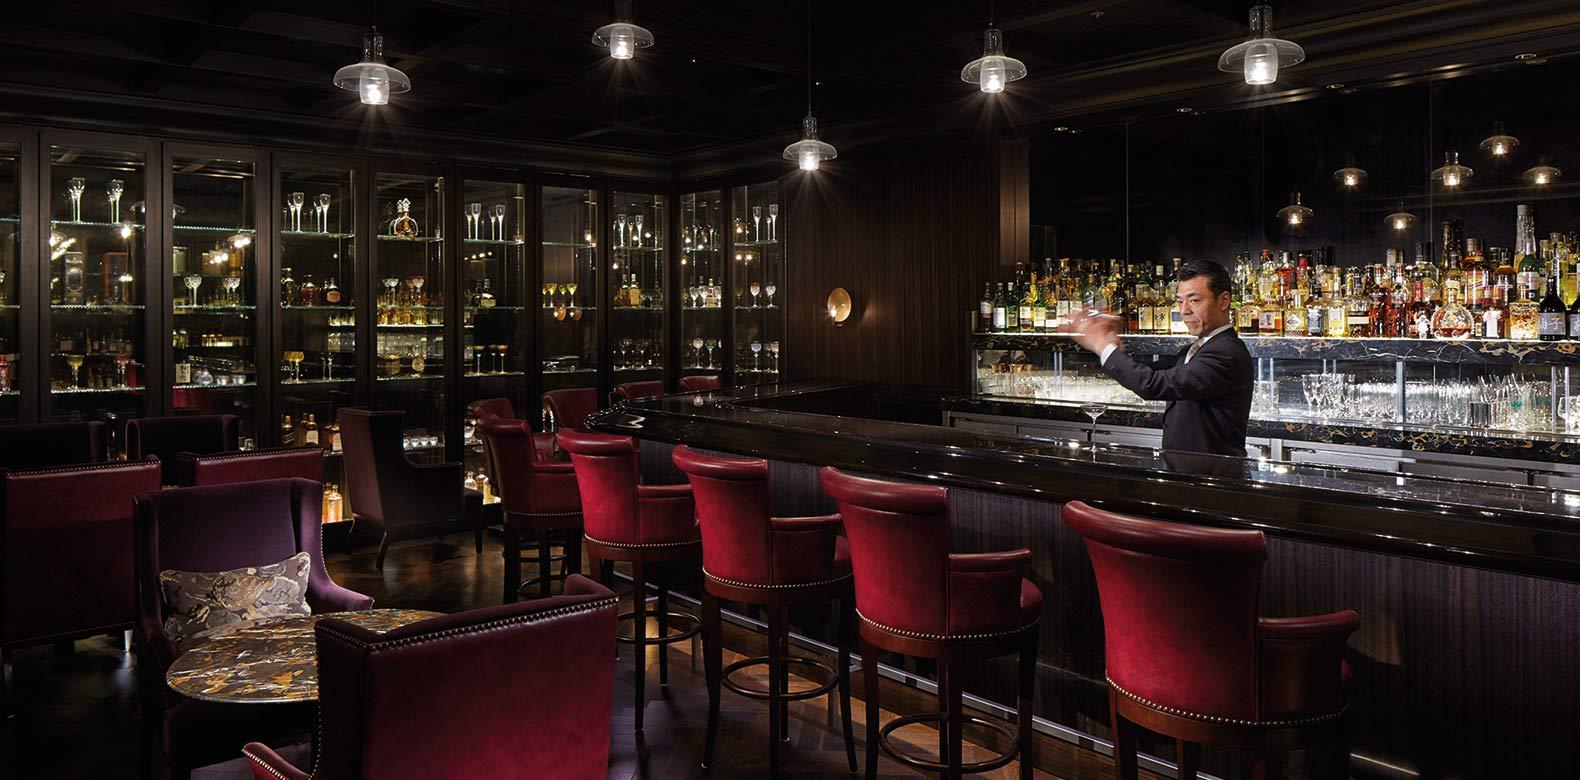 Palace-Hotel-Tokyo-F-Royal-Bar-Bartender